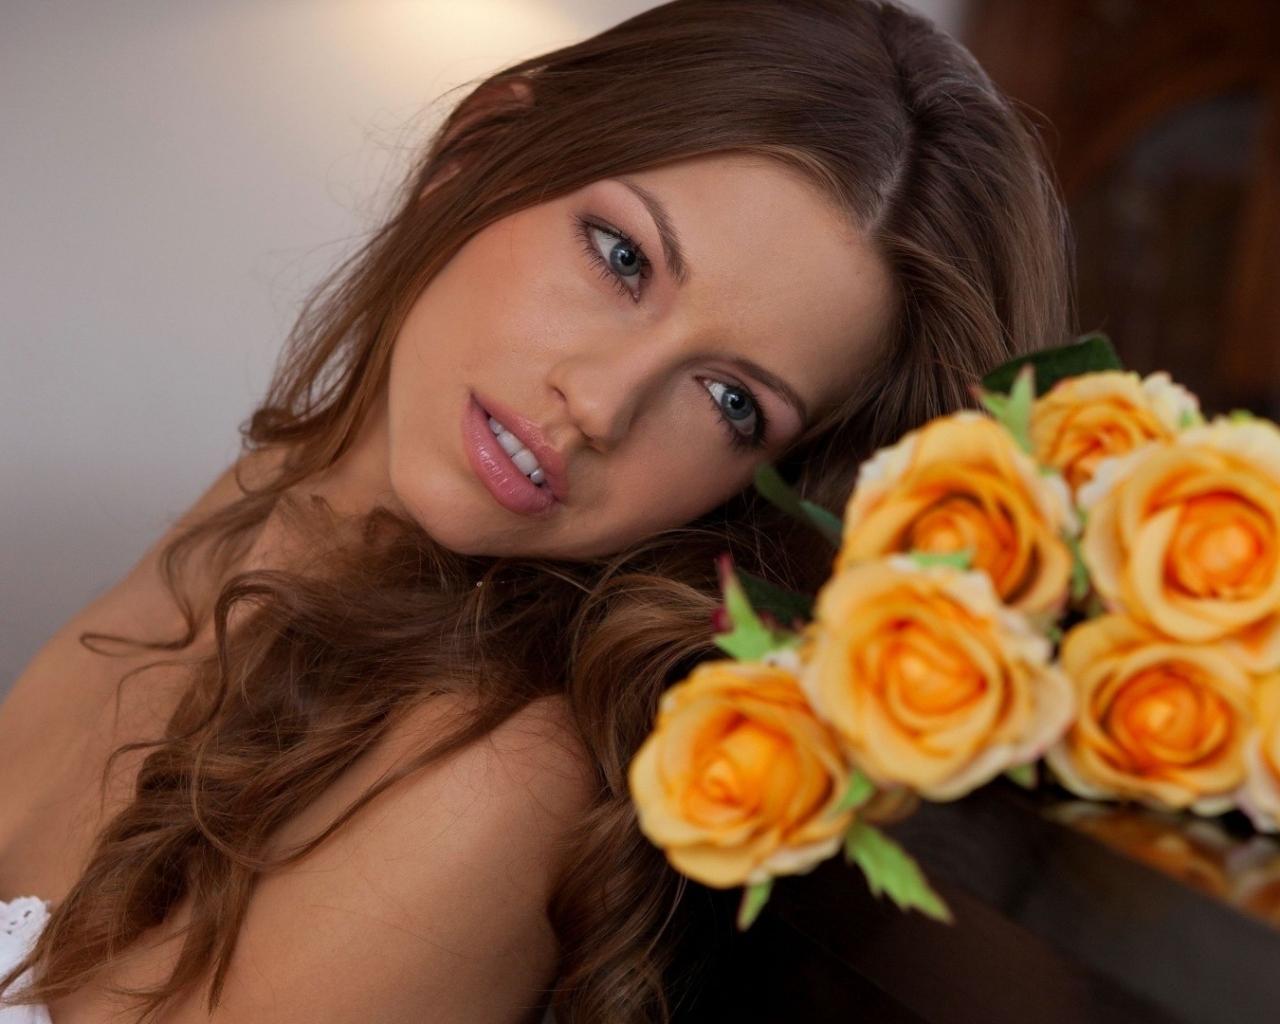 Una hermosa novia con flores - 1280x1024